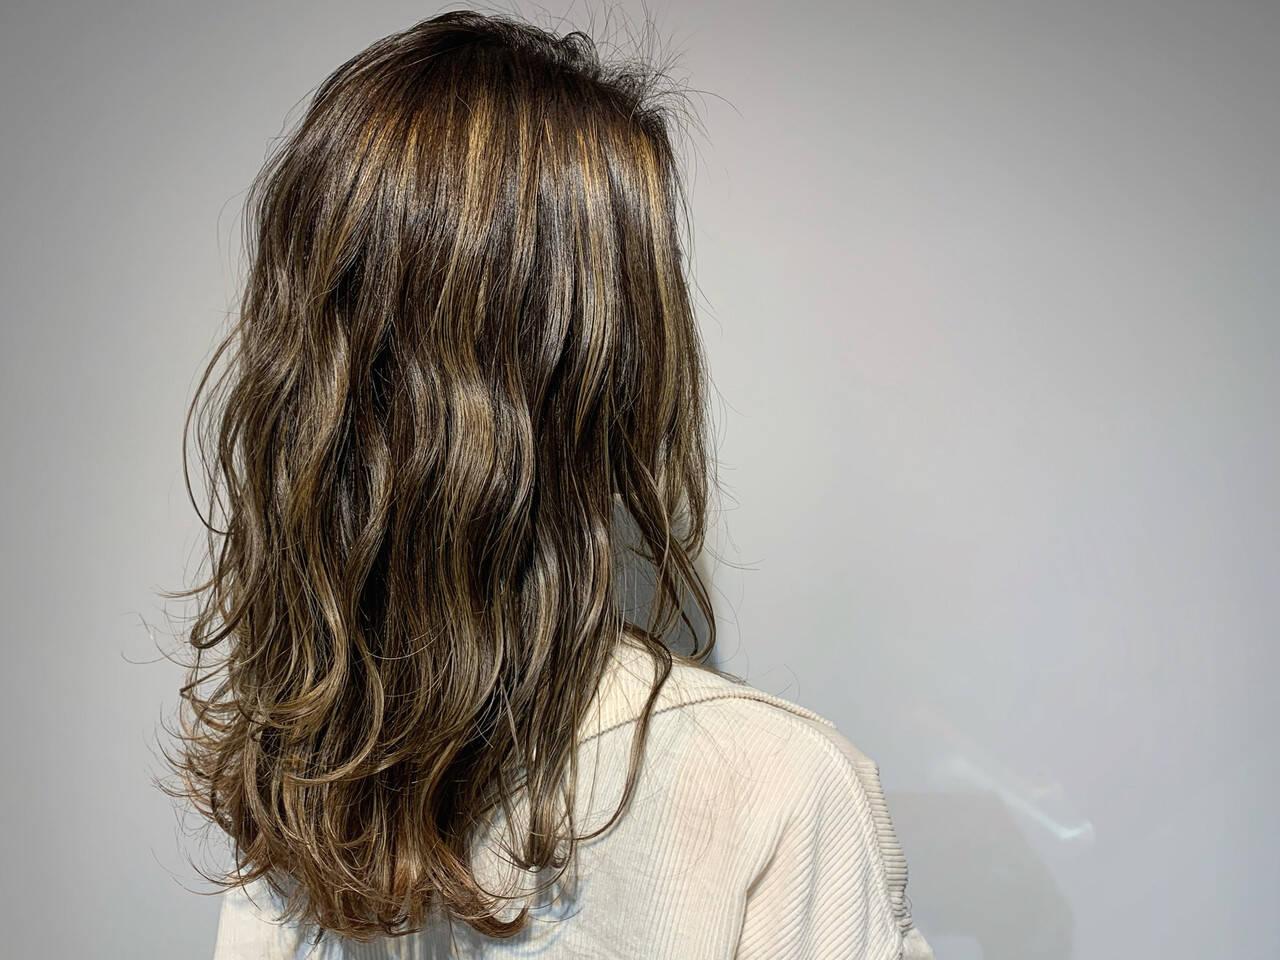 グレージュ セミロング ナチュラル ウルフカットヘアスタイルや髪型の写真・画像